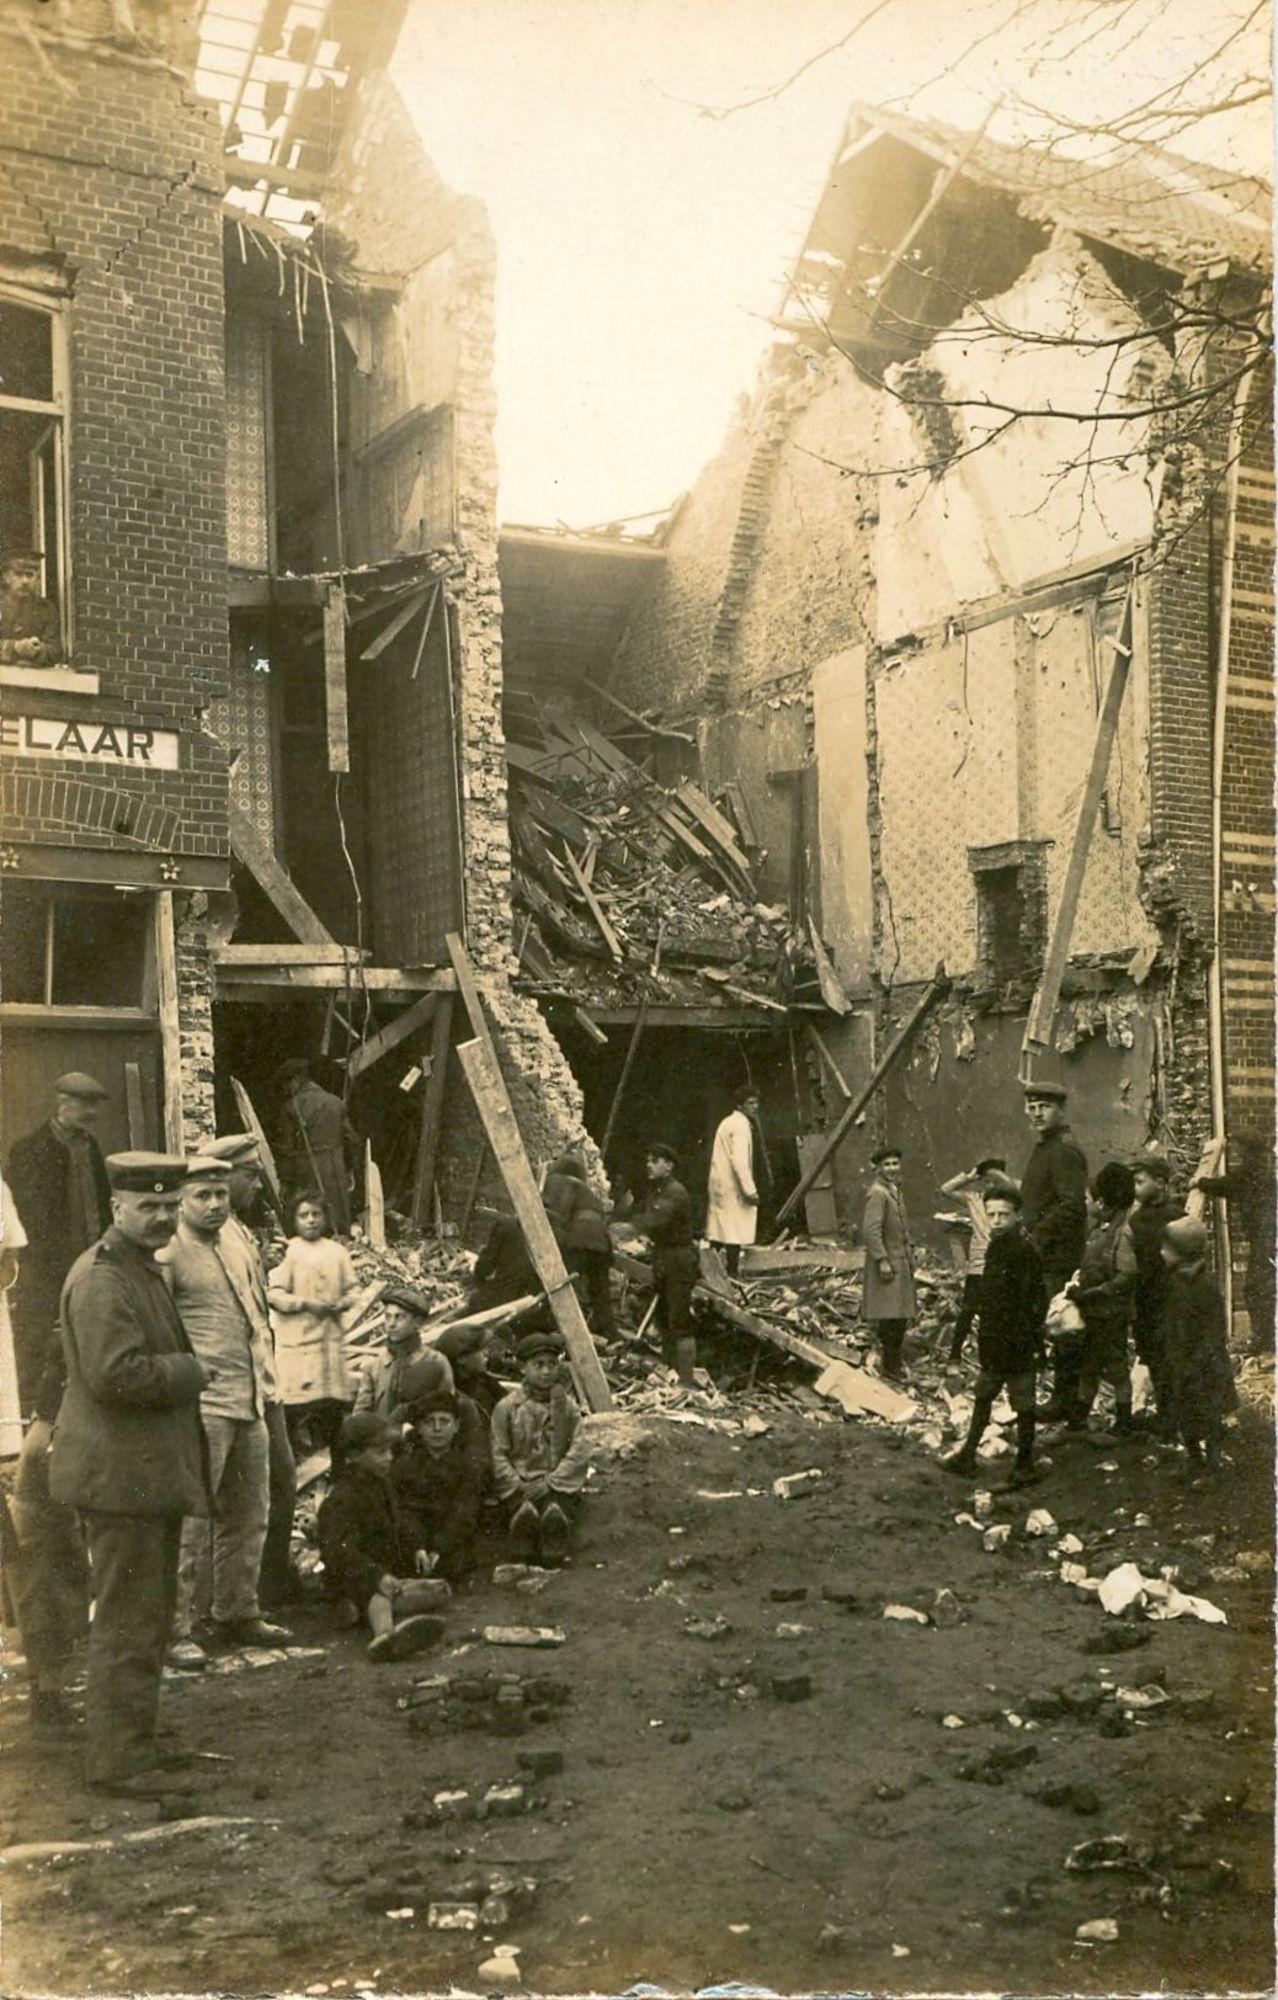 Meensestraat in 1918